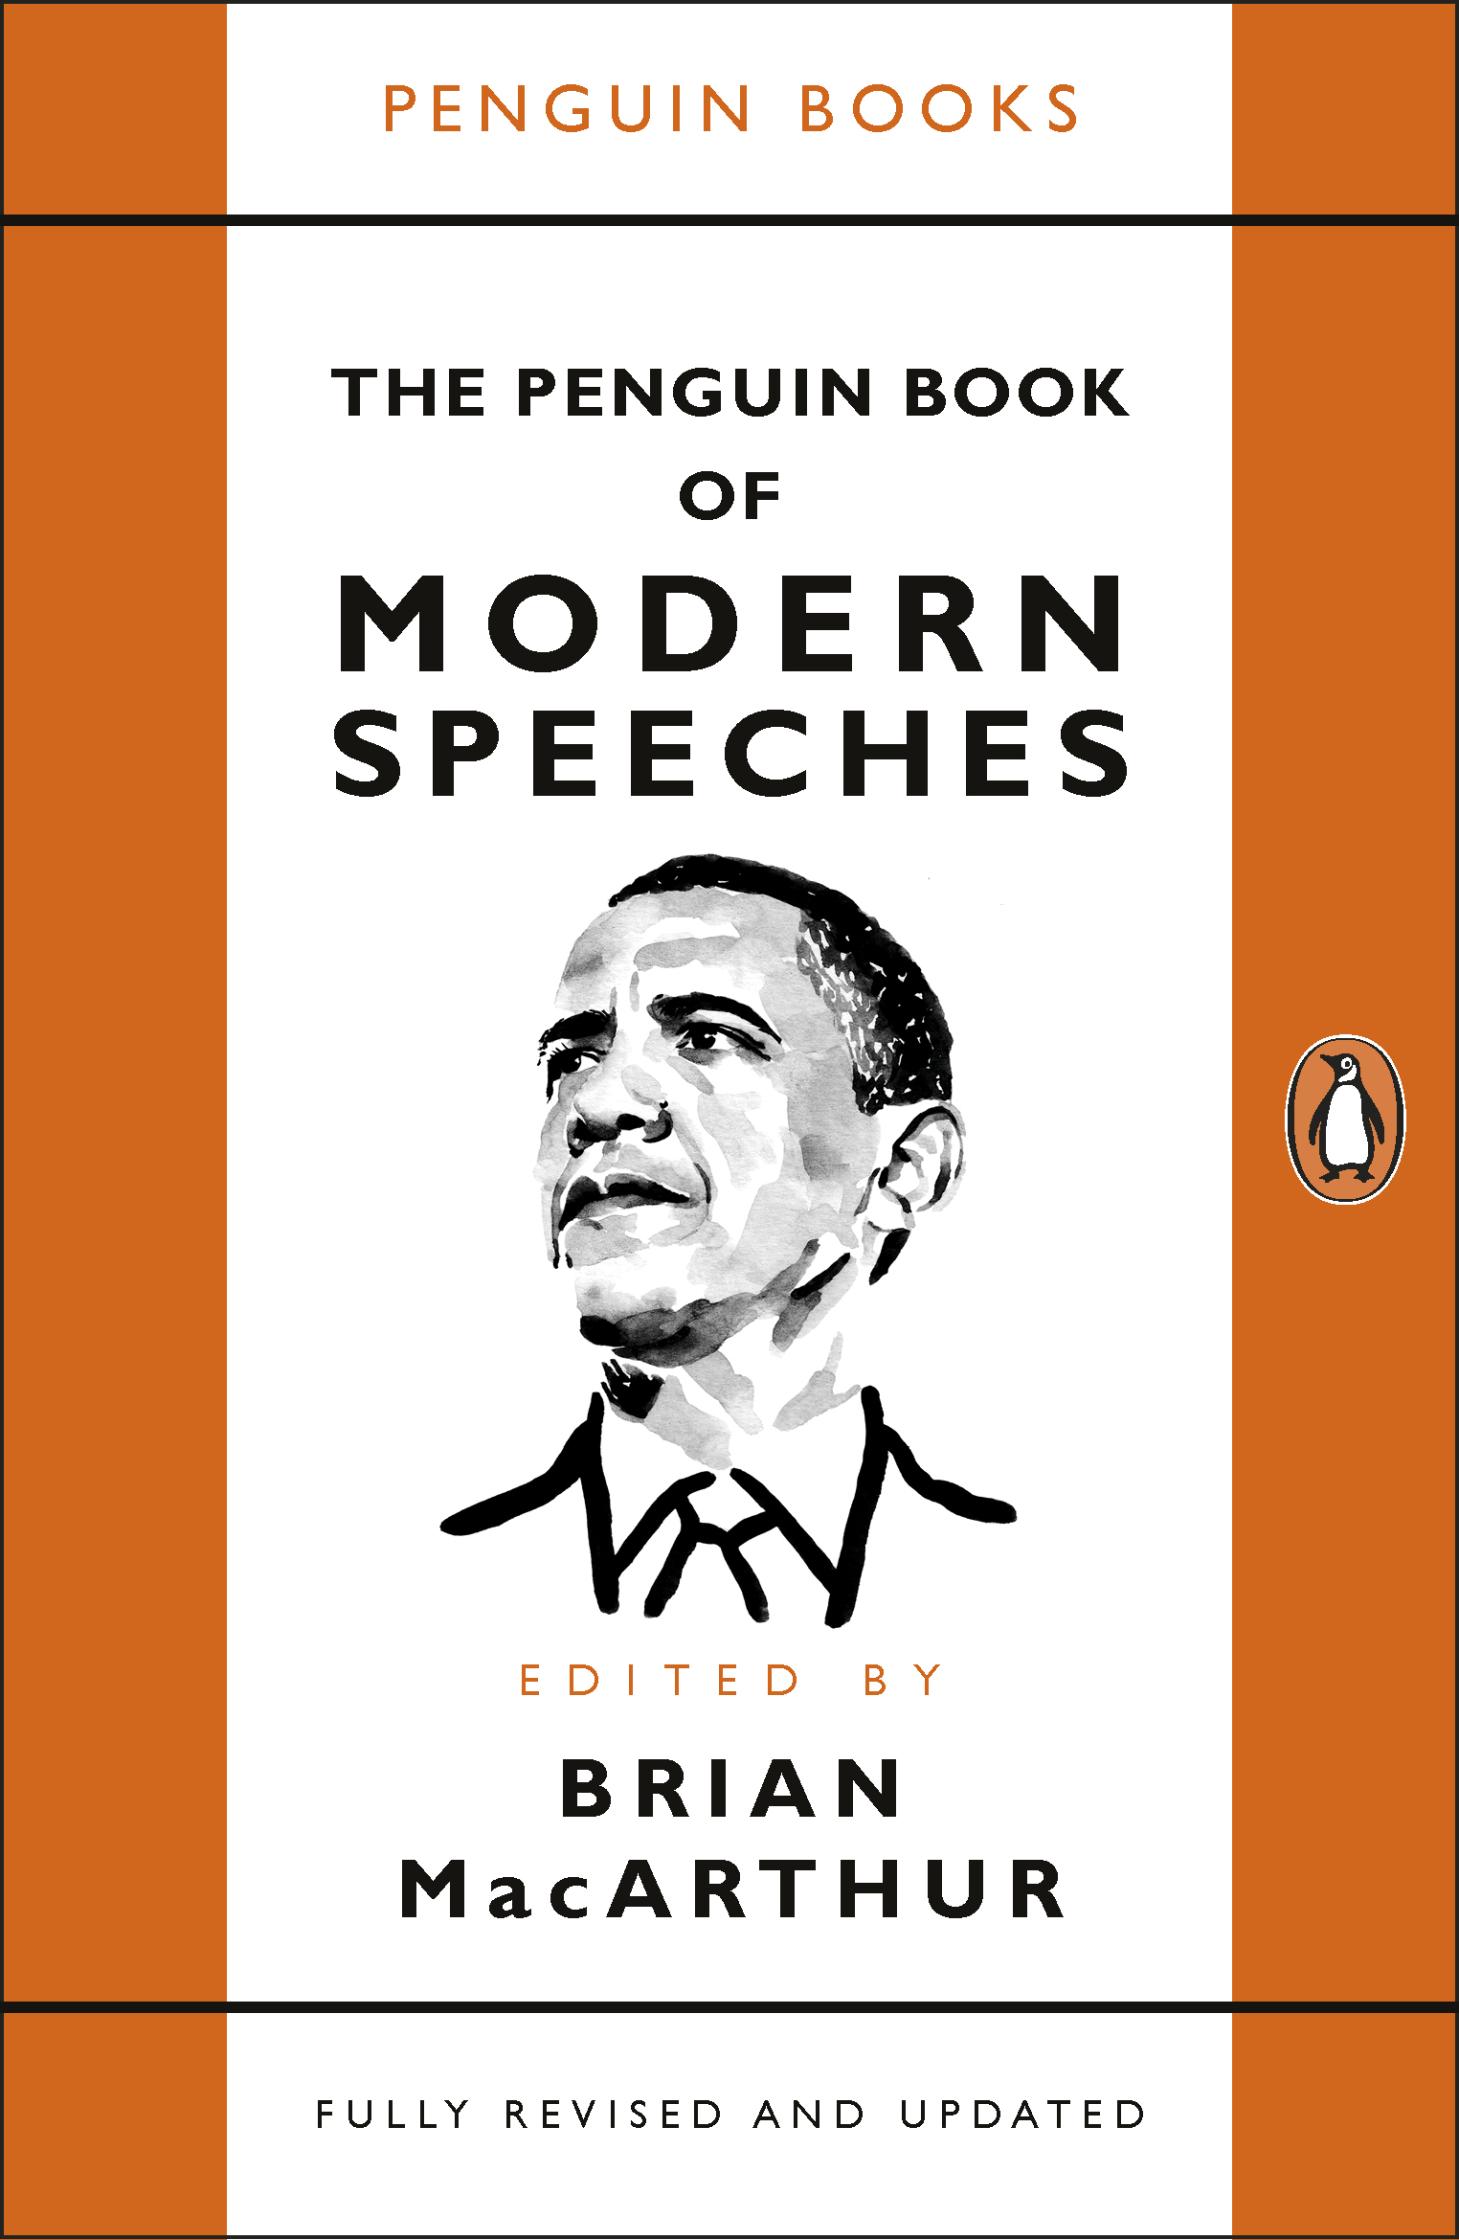 Penguin_Books_'Modern_Speeches'_Cover.jpg